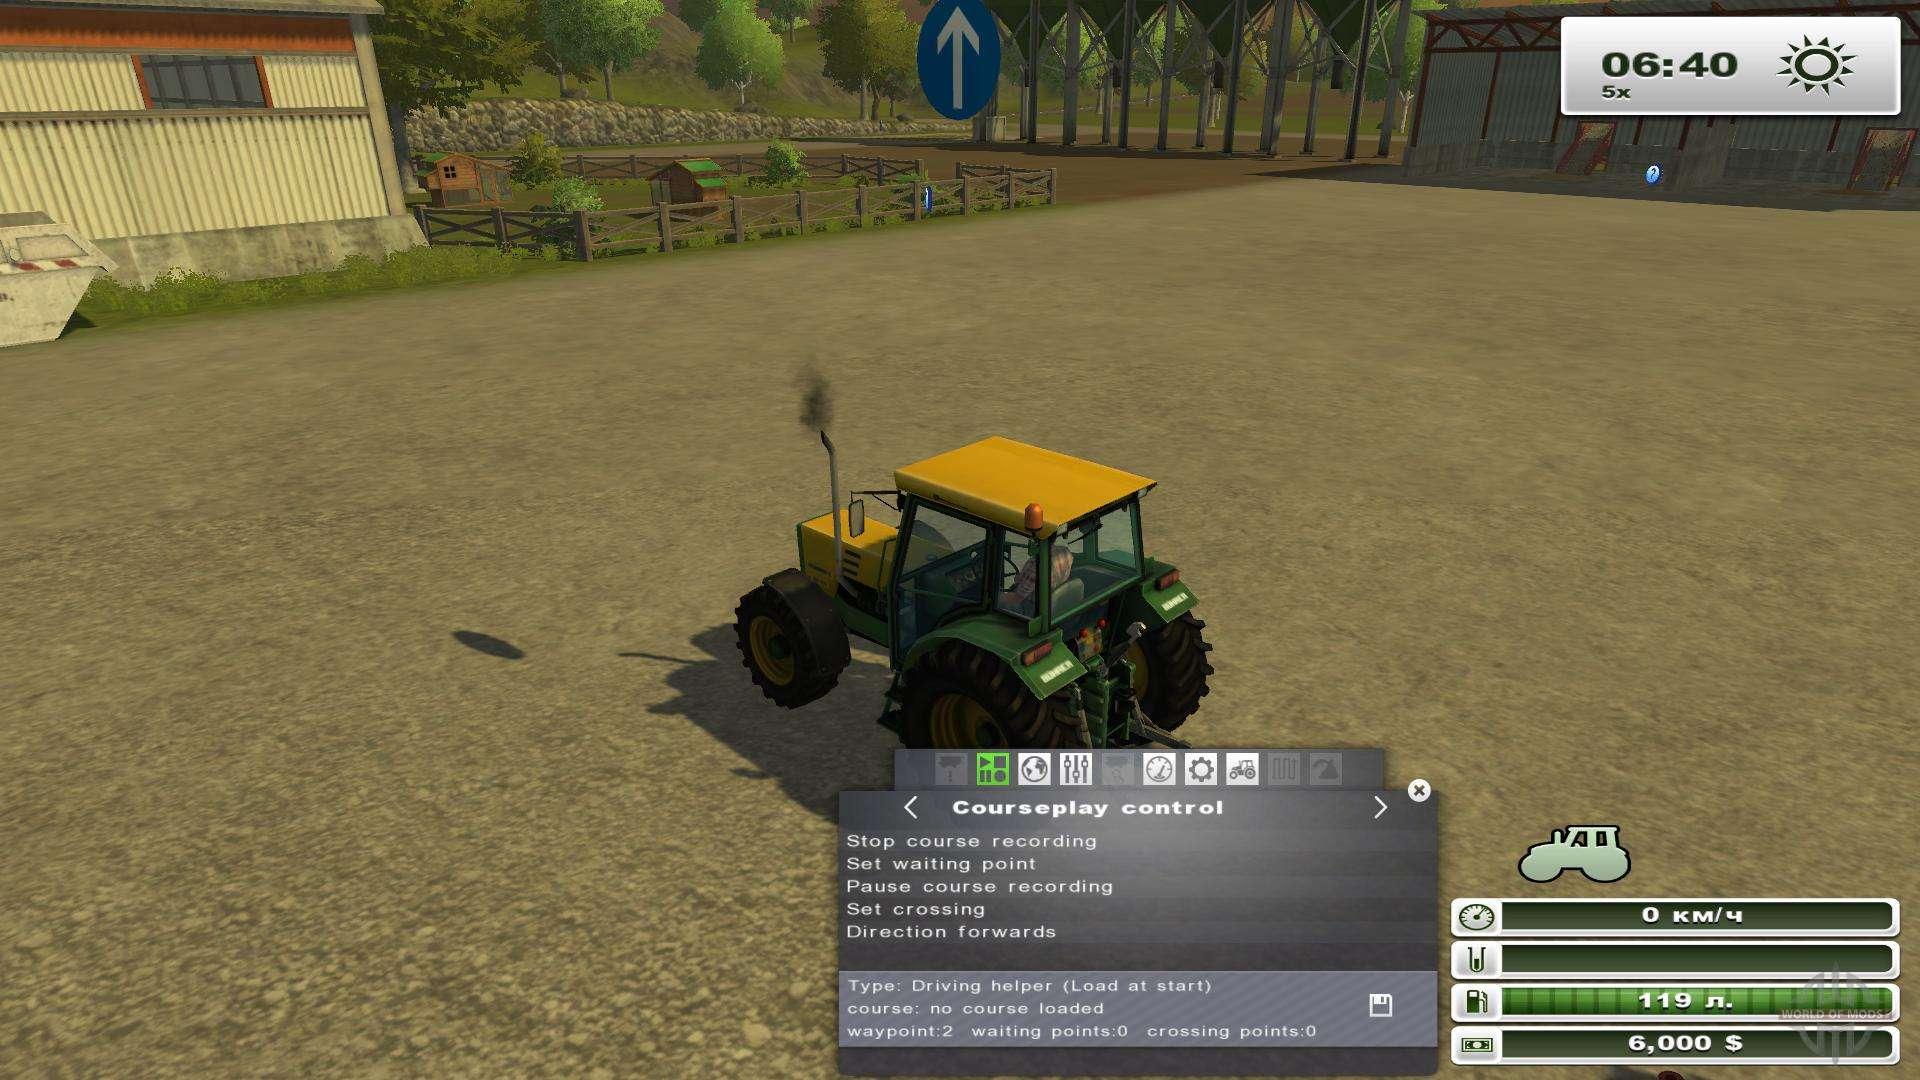 Скачать курсплей на фермер симулятор 2018